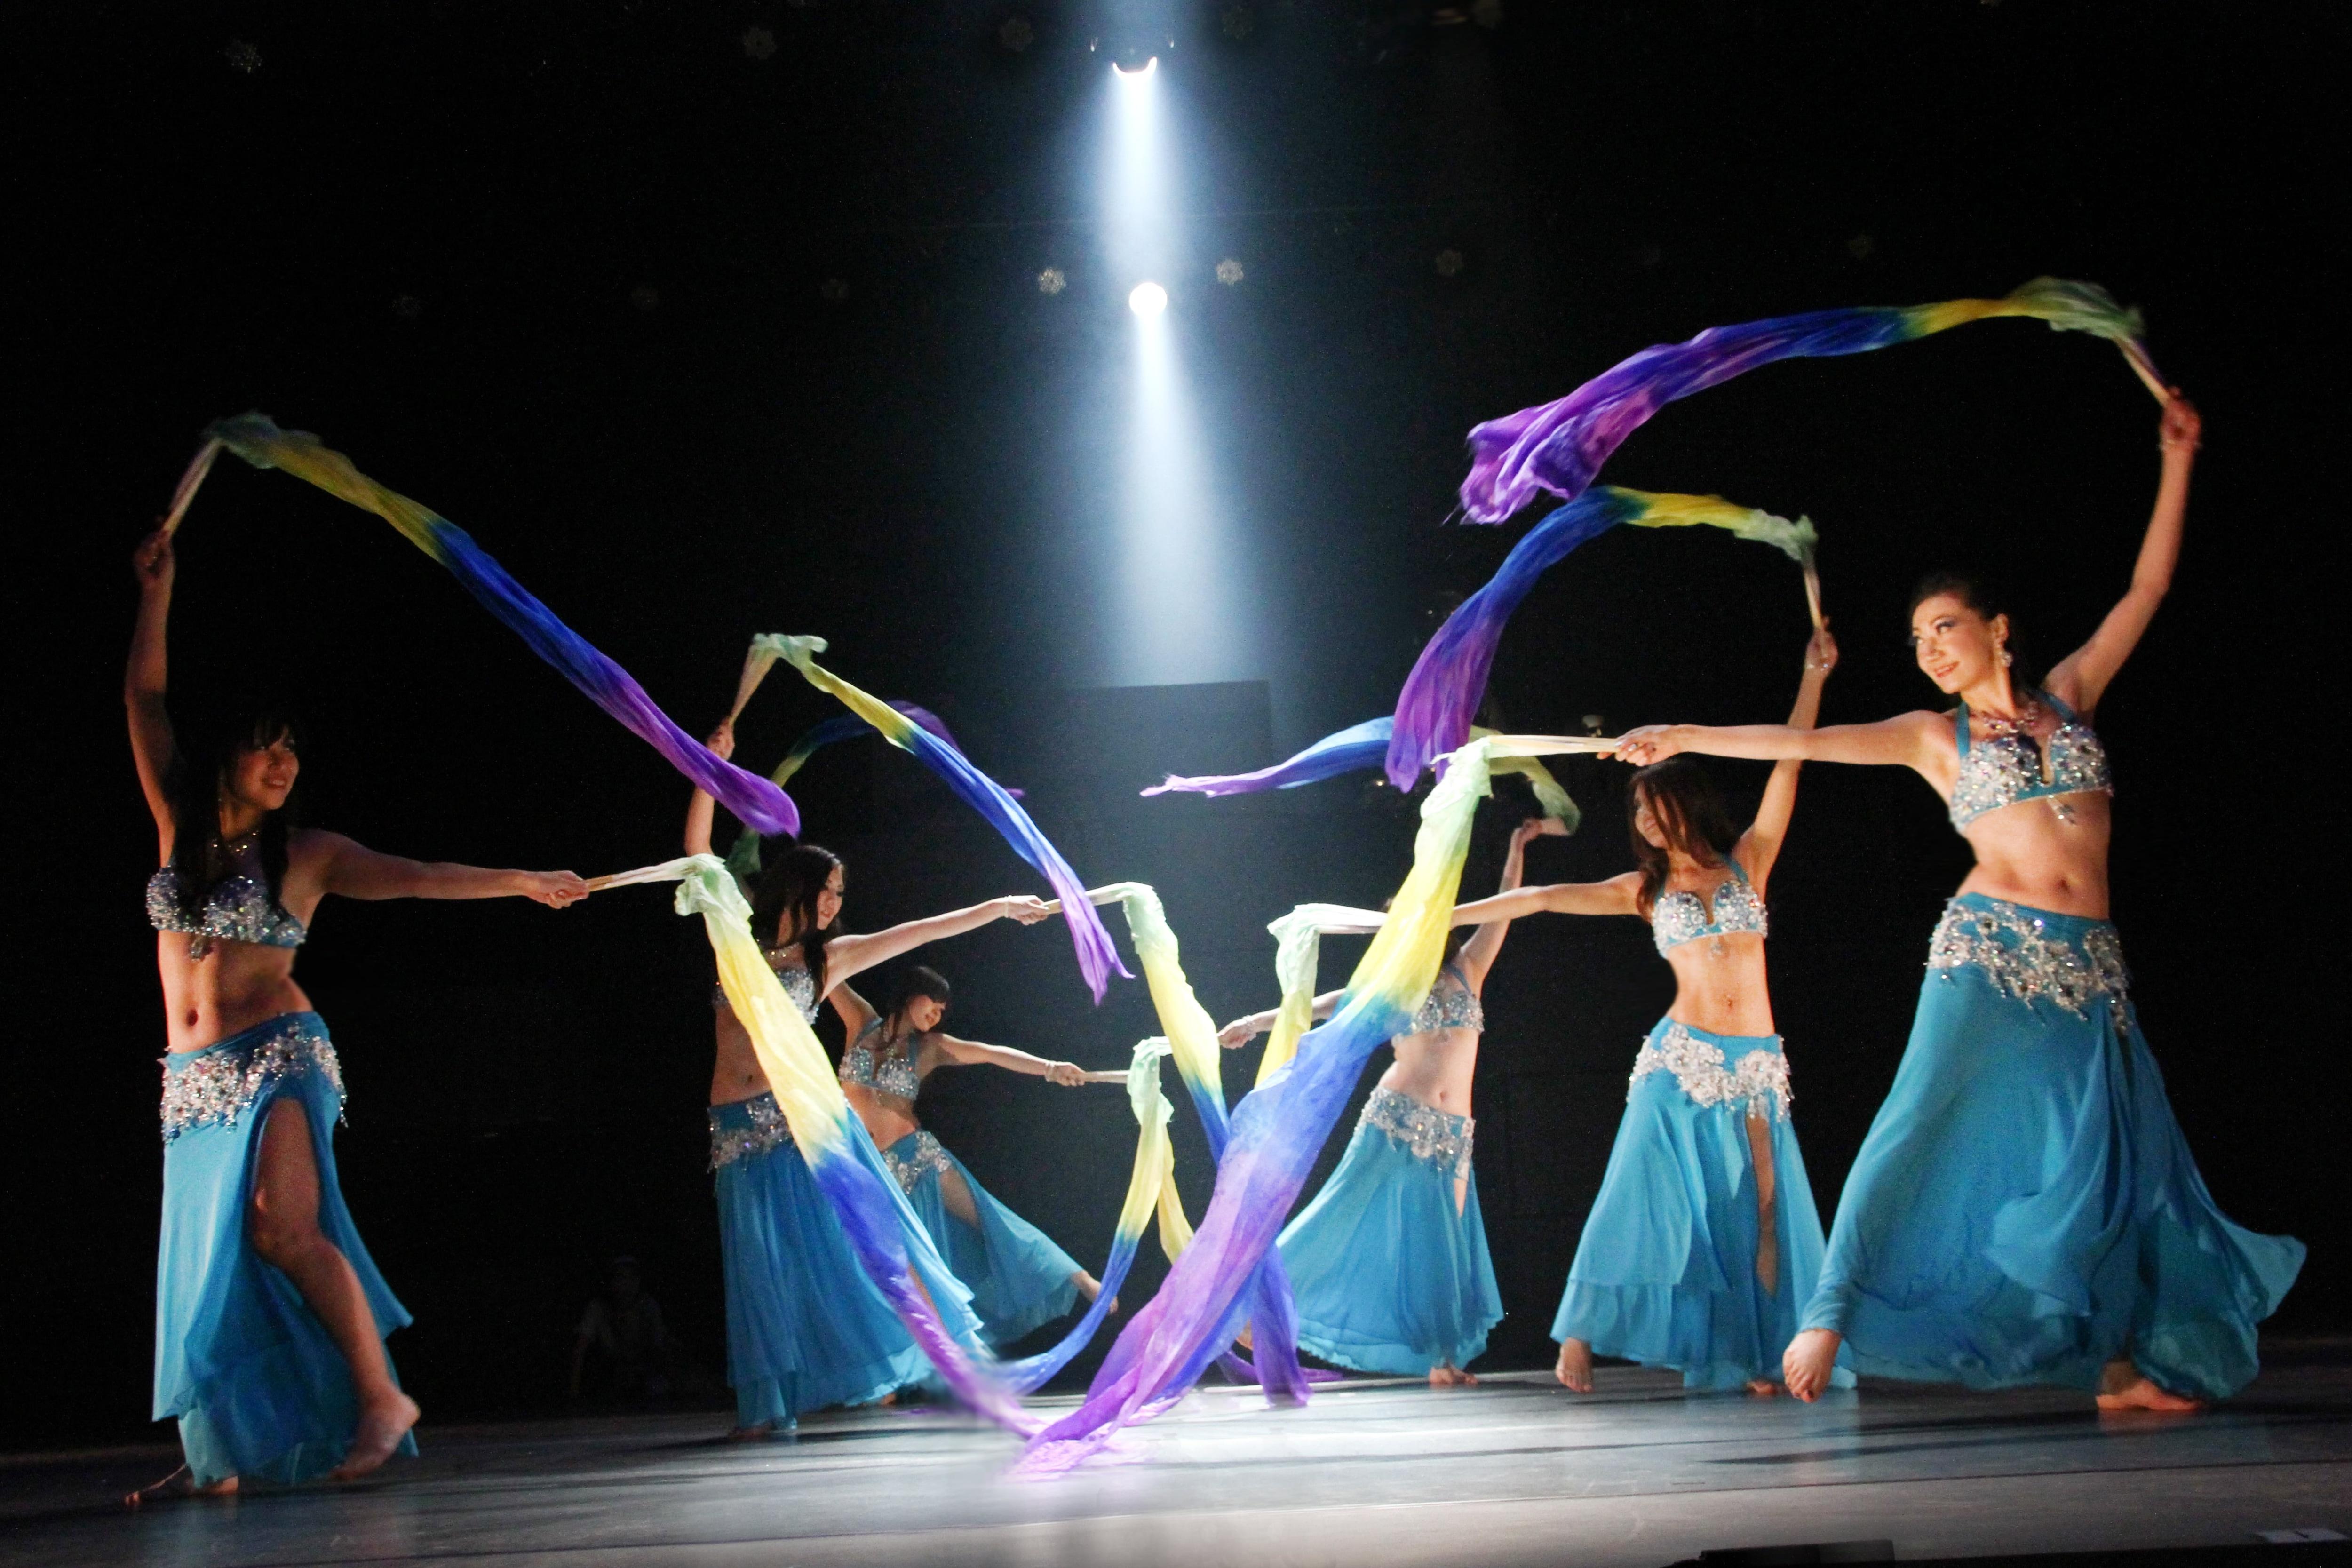 【ベリーダンス】【10万円プラン】国内トップレベルのダンサーによる華麗なステージ!!のイメージその2